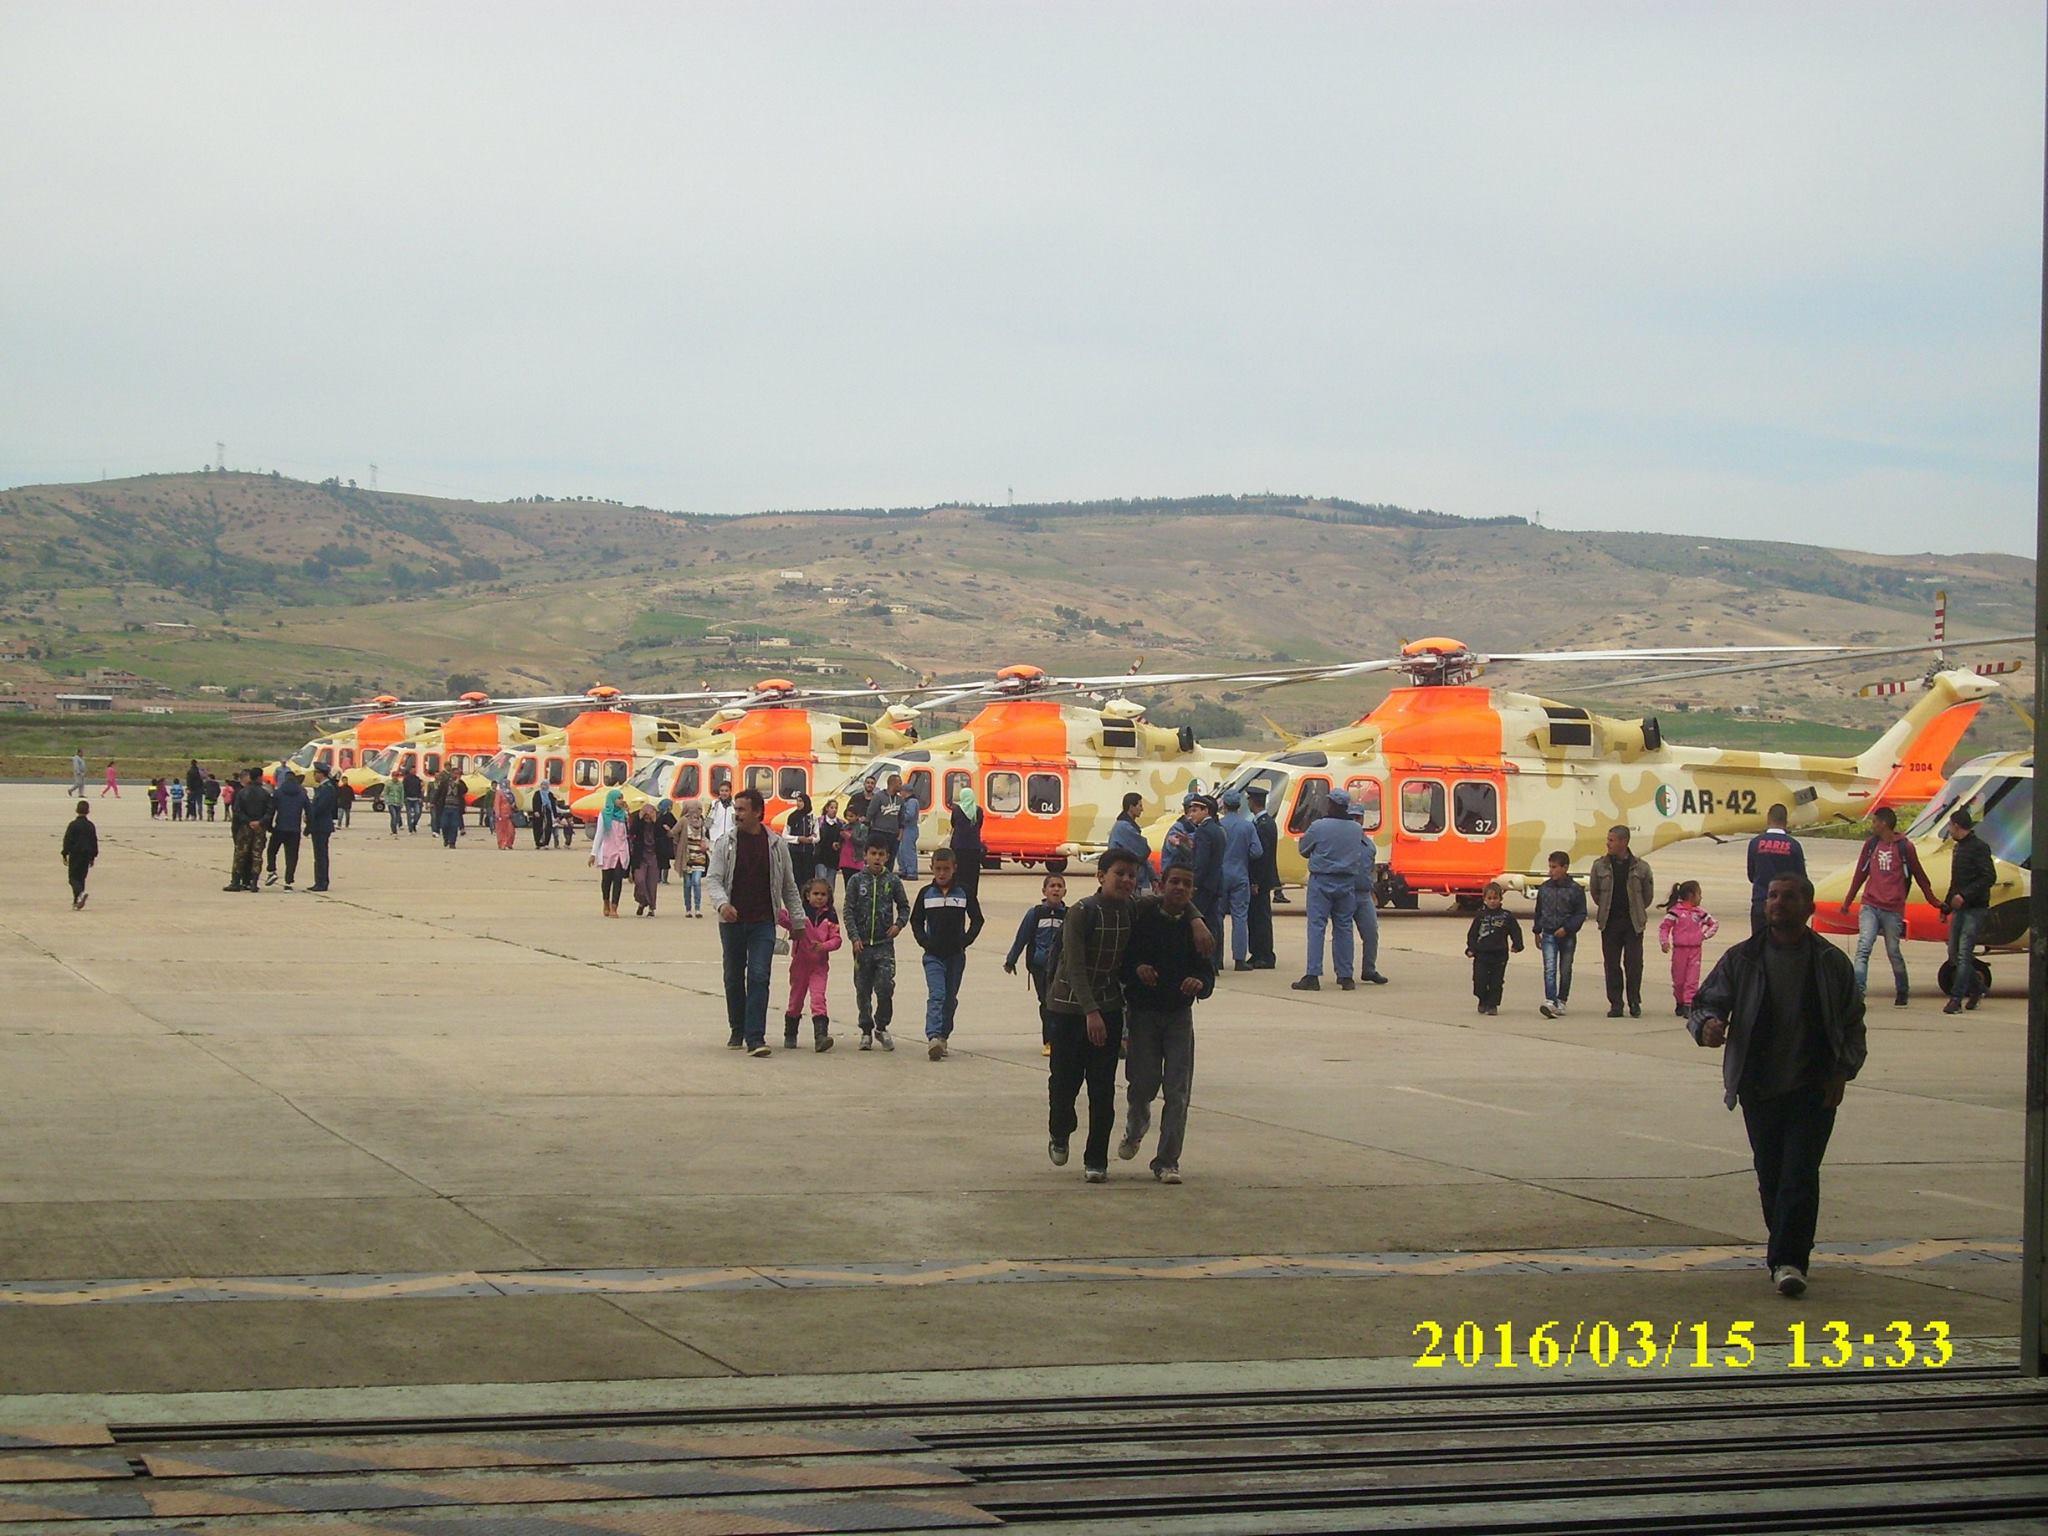 صور مروحيات القوات الجوية الجزائرية  [ AW-139 SAR ] - صفحة 2 25278370863_36f6fc16ed_o